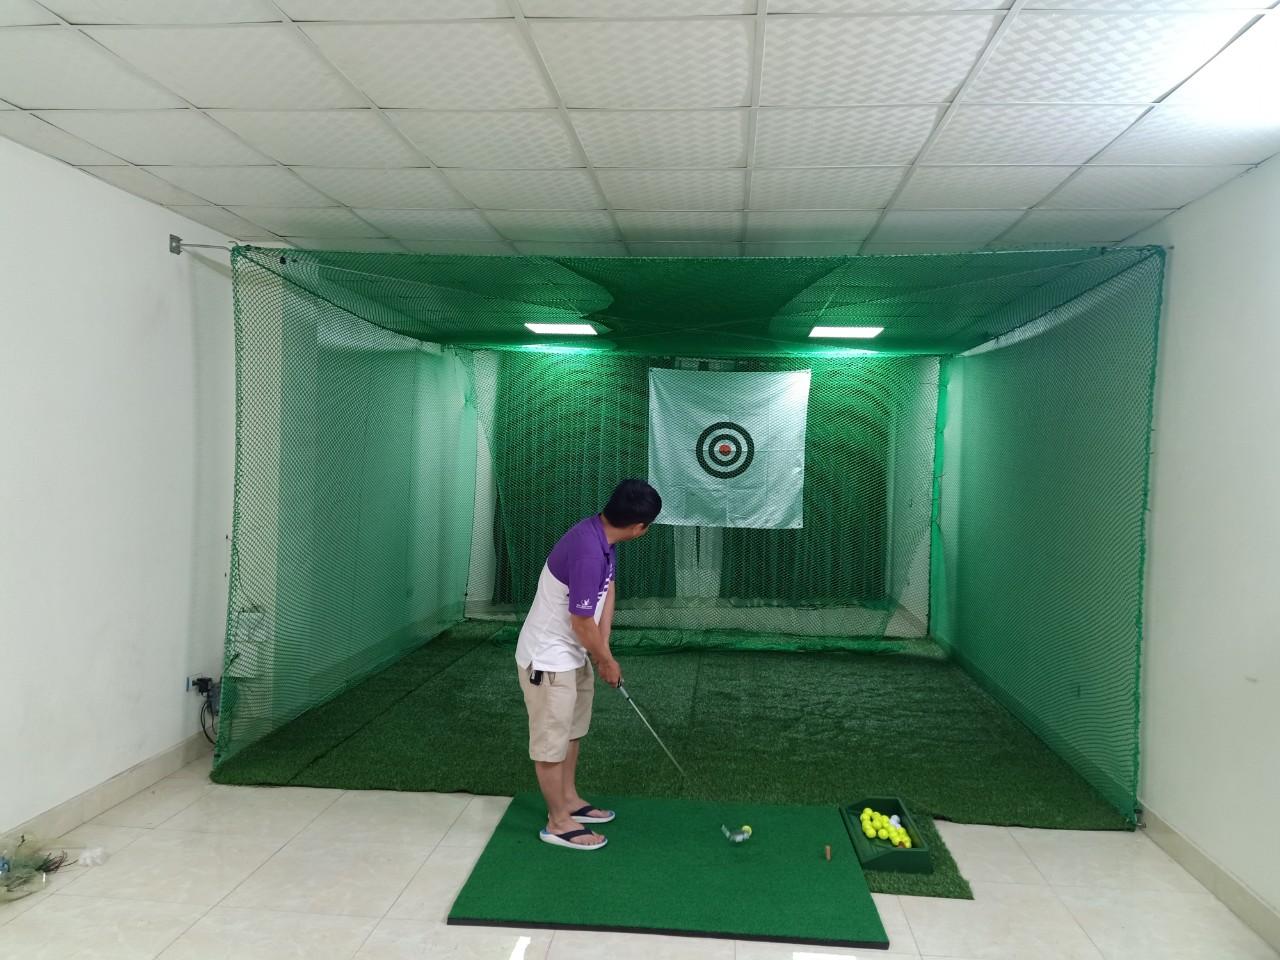 thiết kế phòng tập Golf